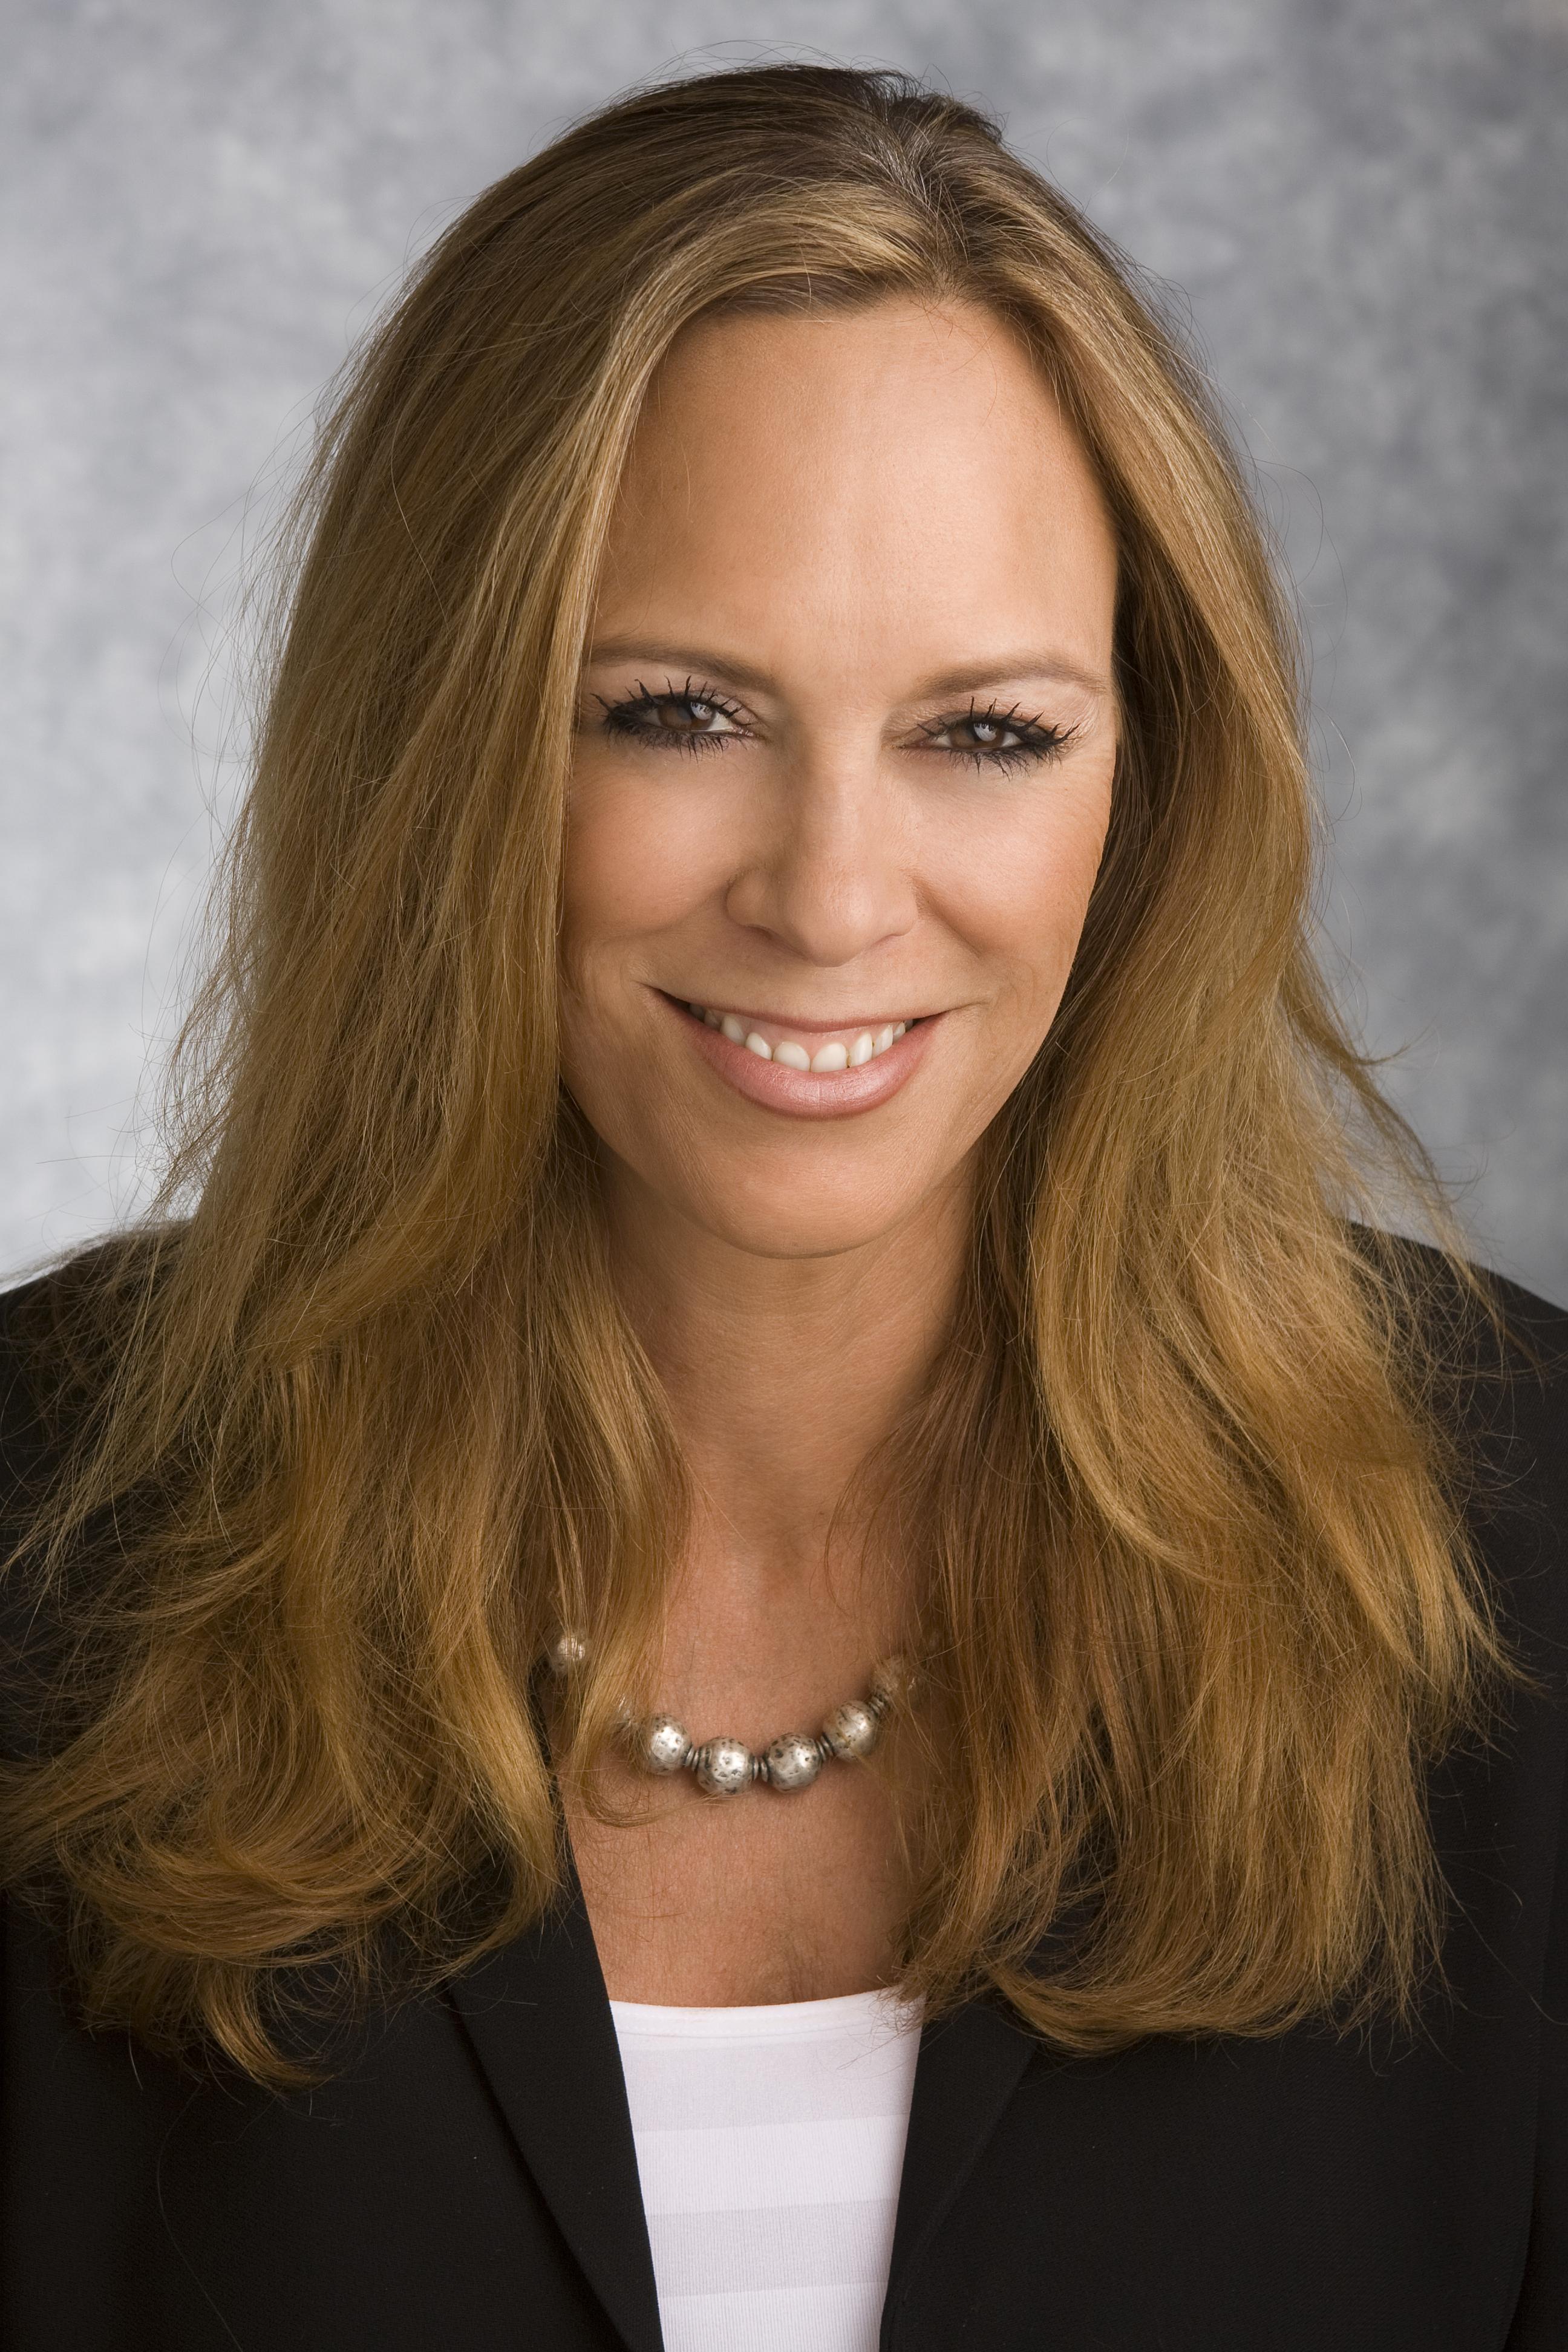 Corinna Bandemer